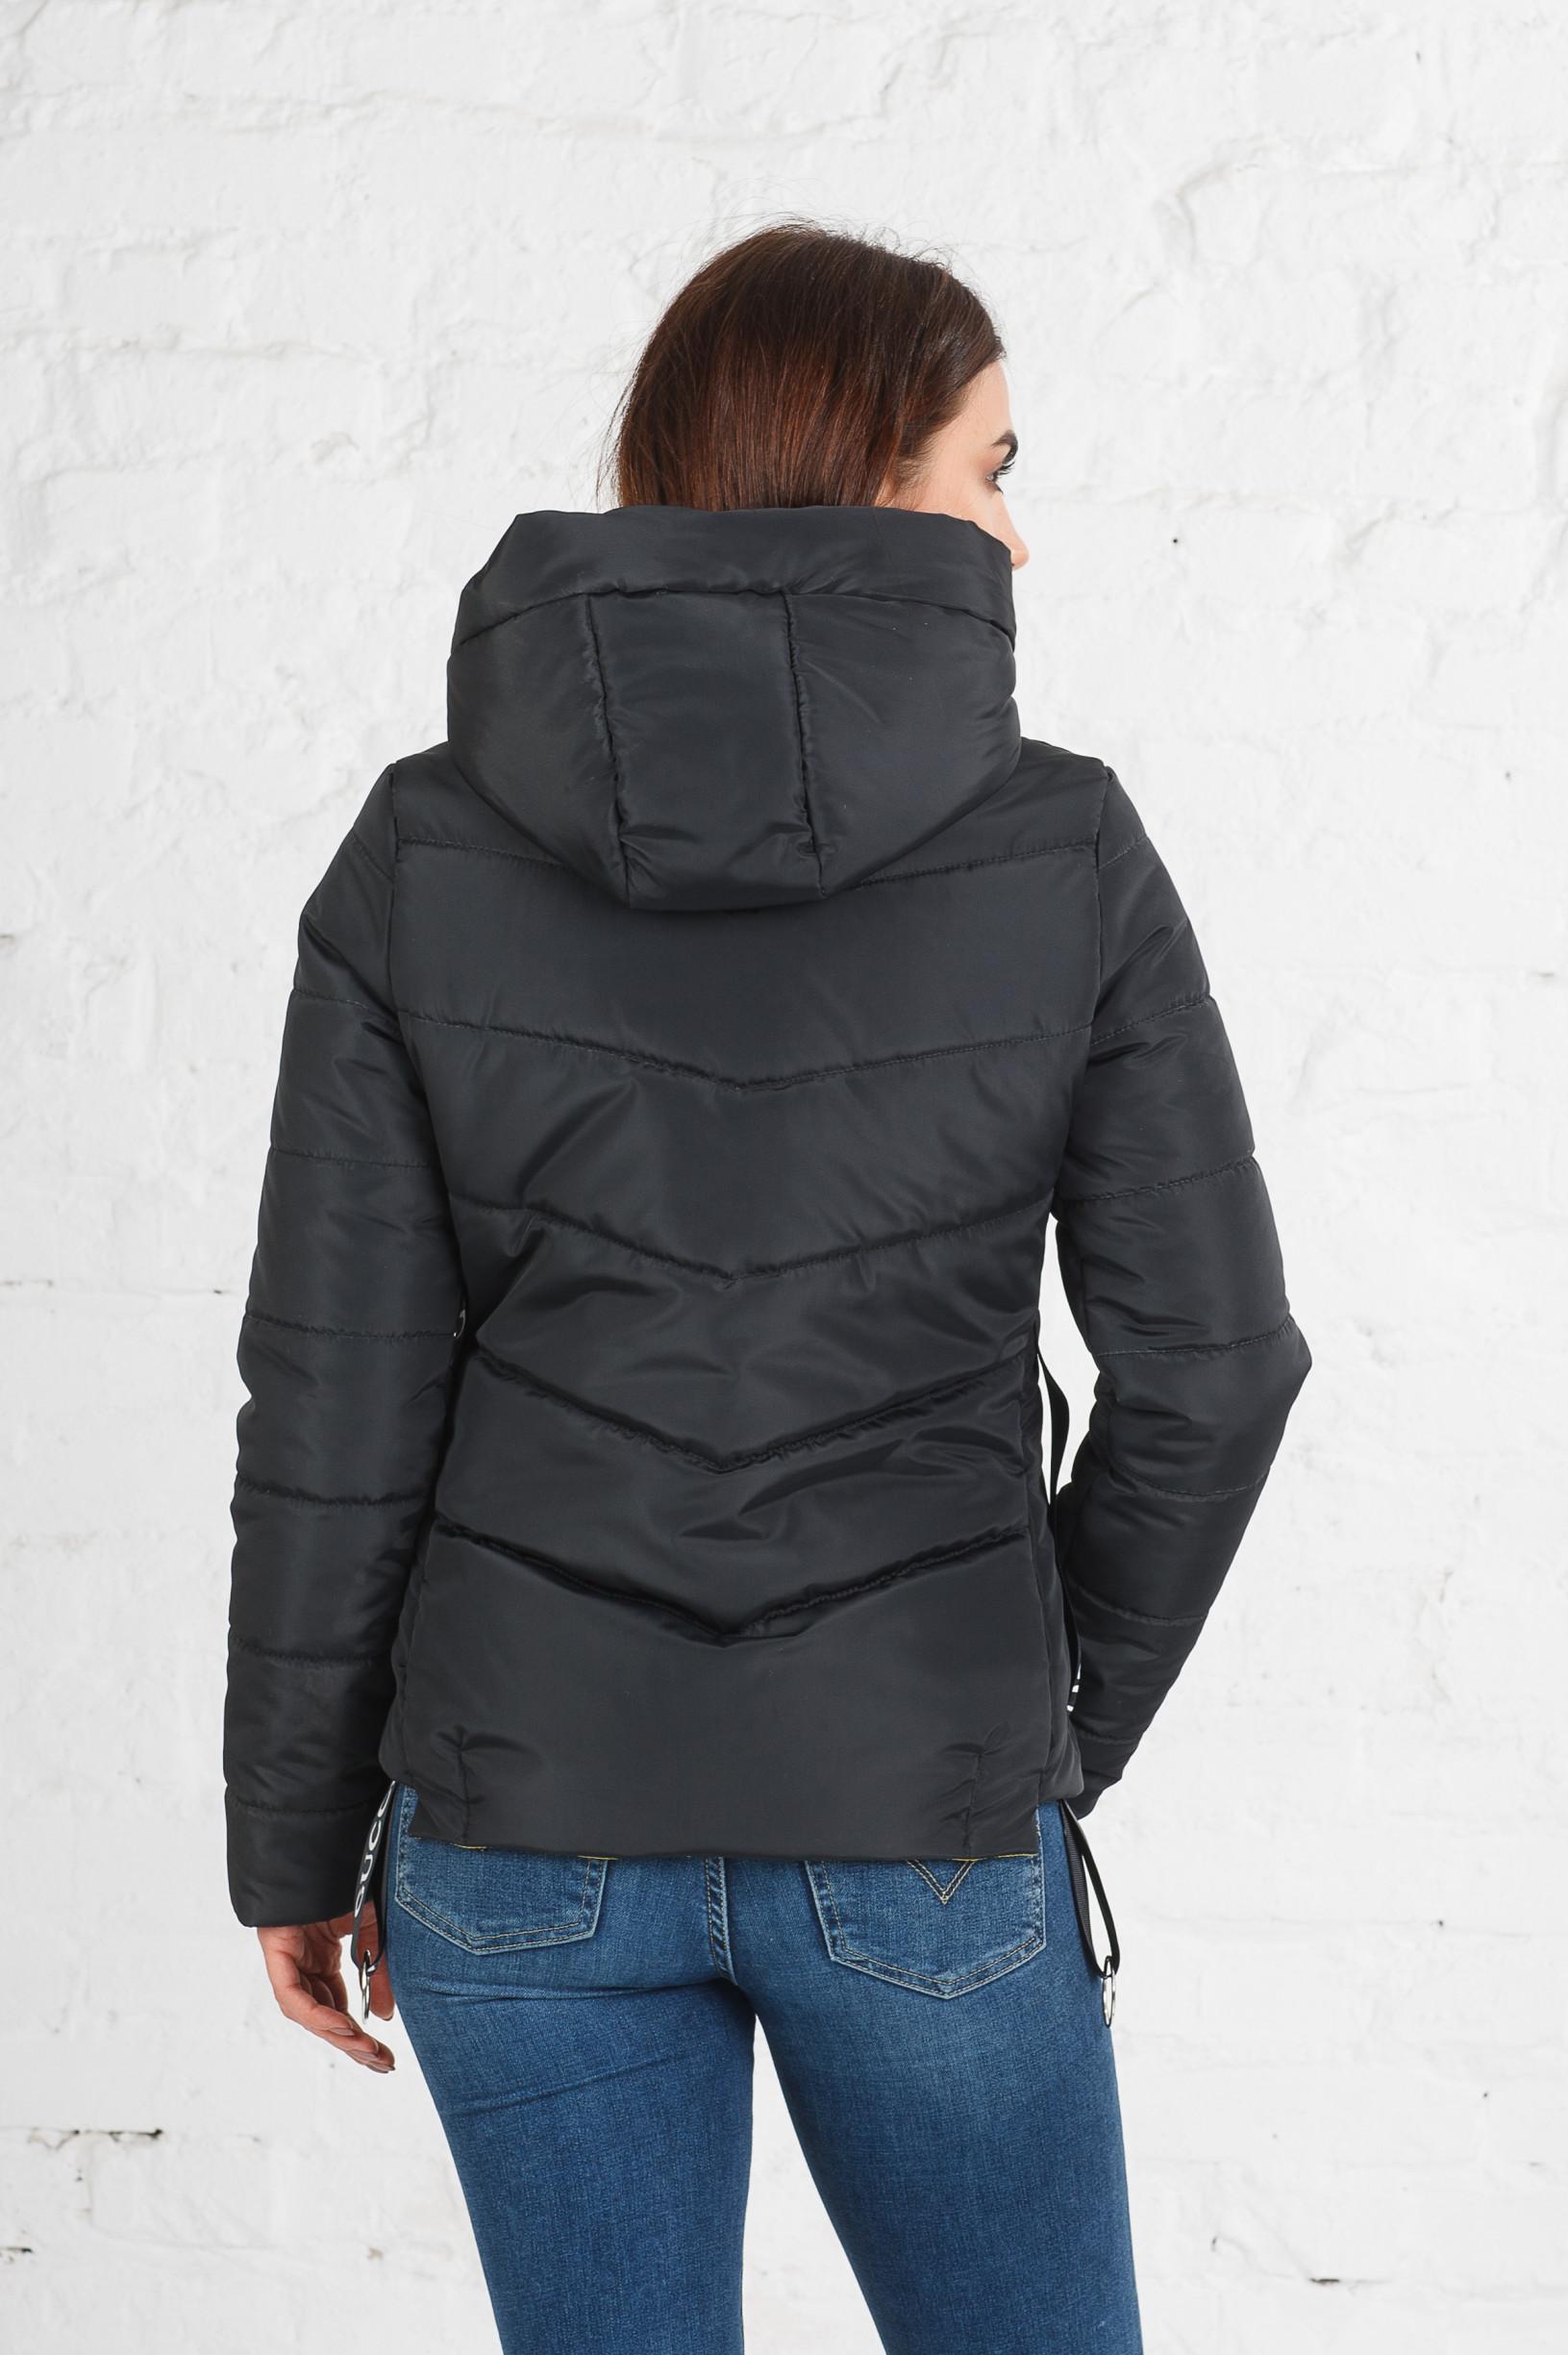 Весенняя куртка Чери темный графит